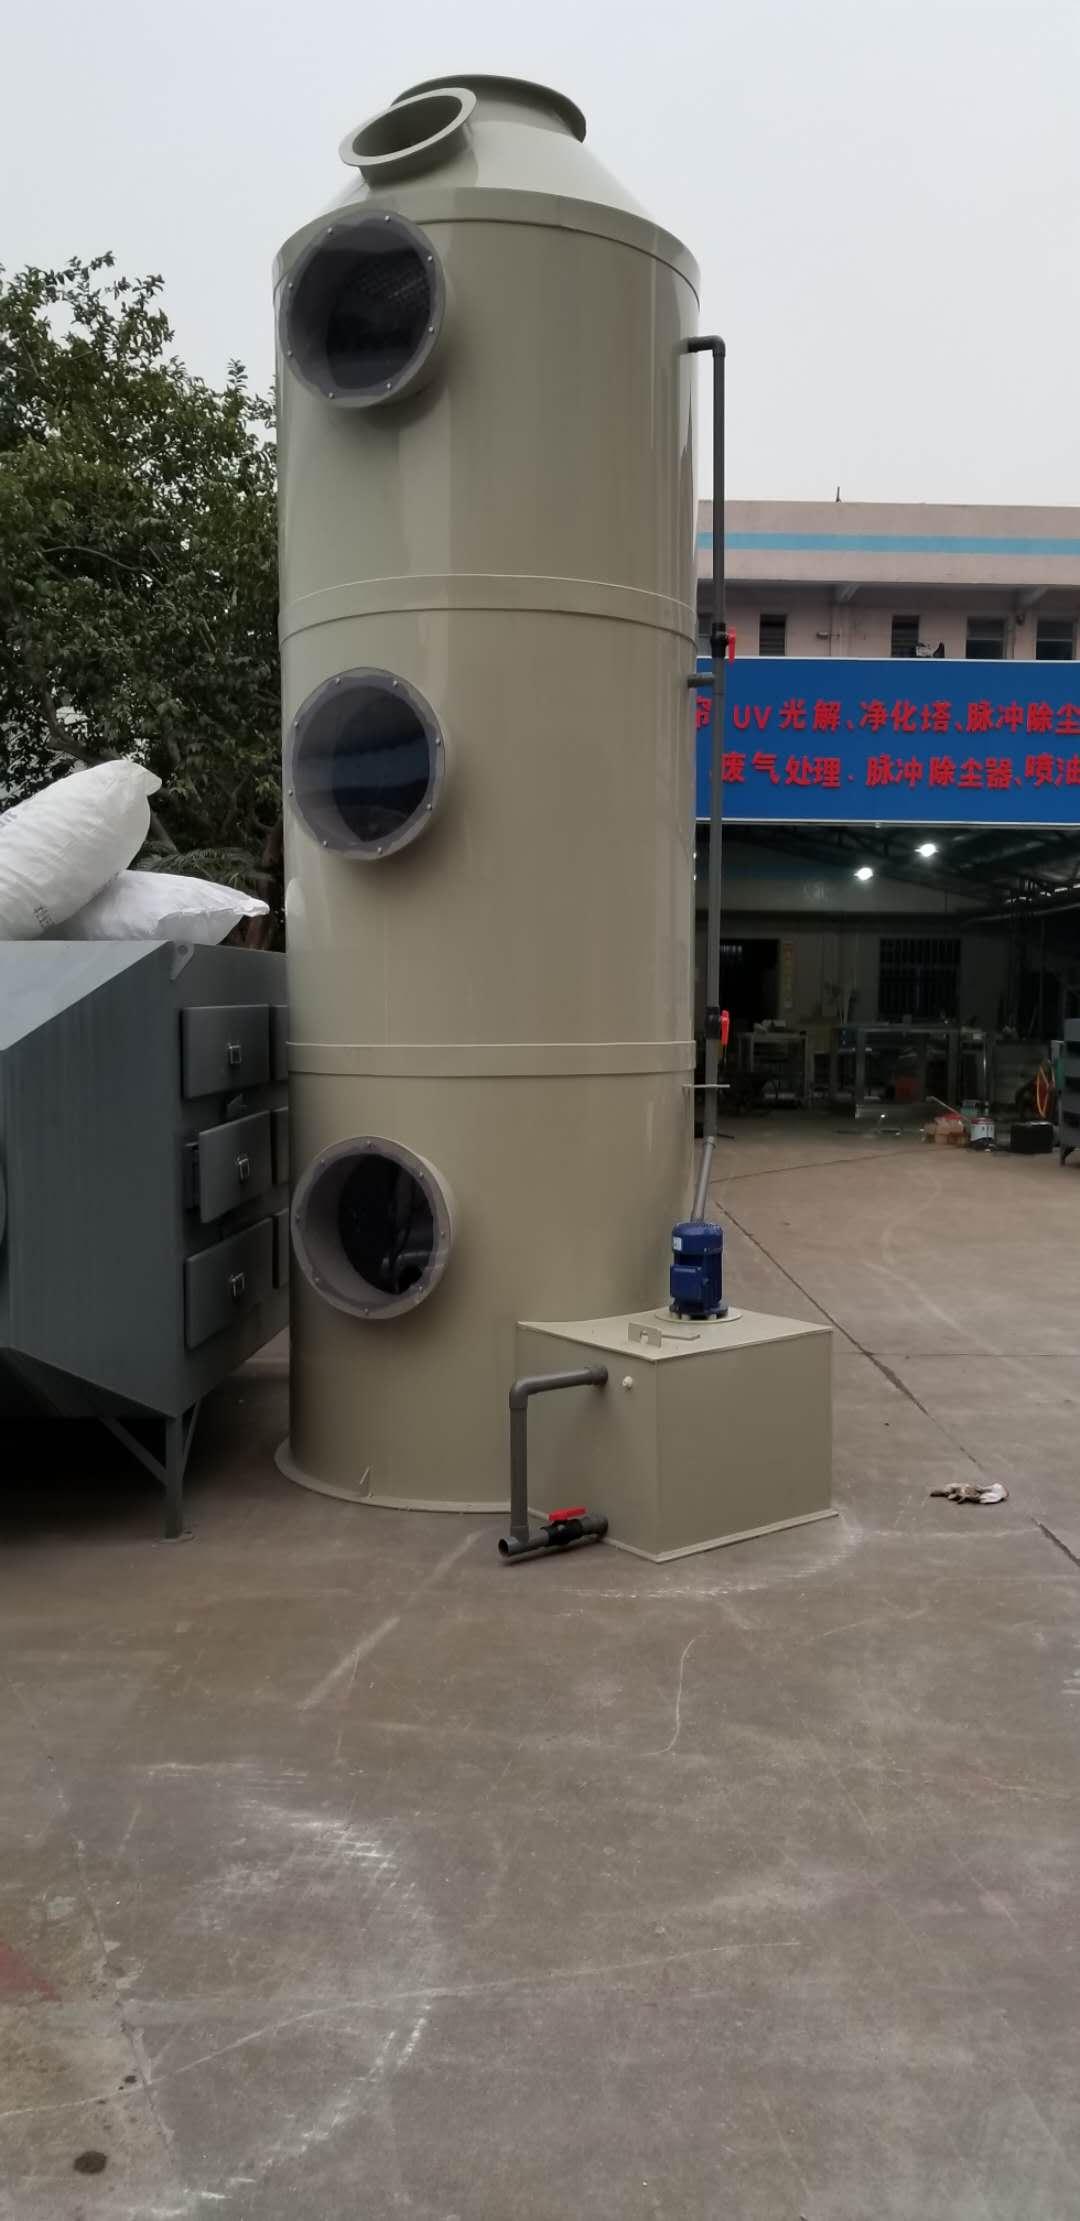 废气处理设备生产厂家-废气处理设备-东莞茂生